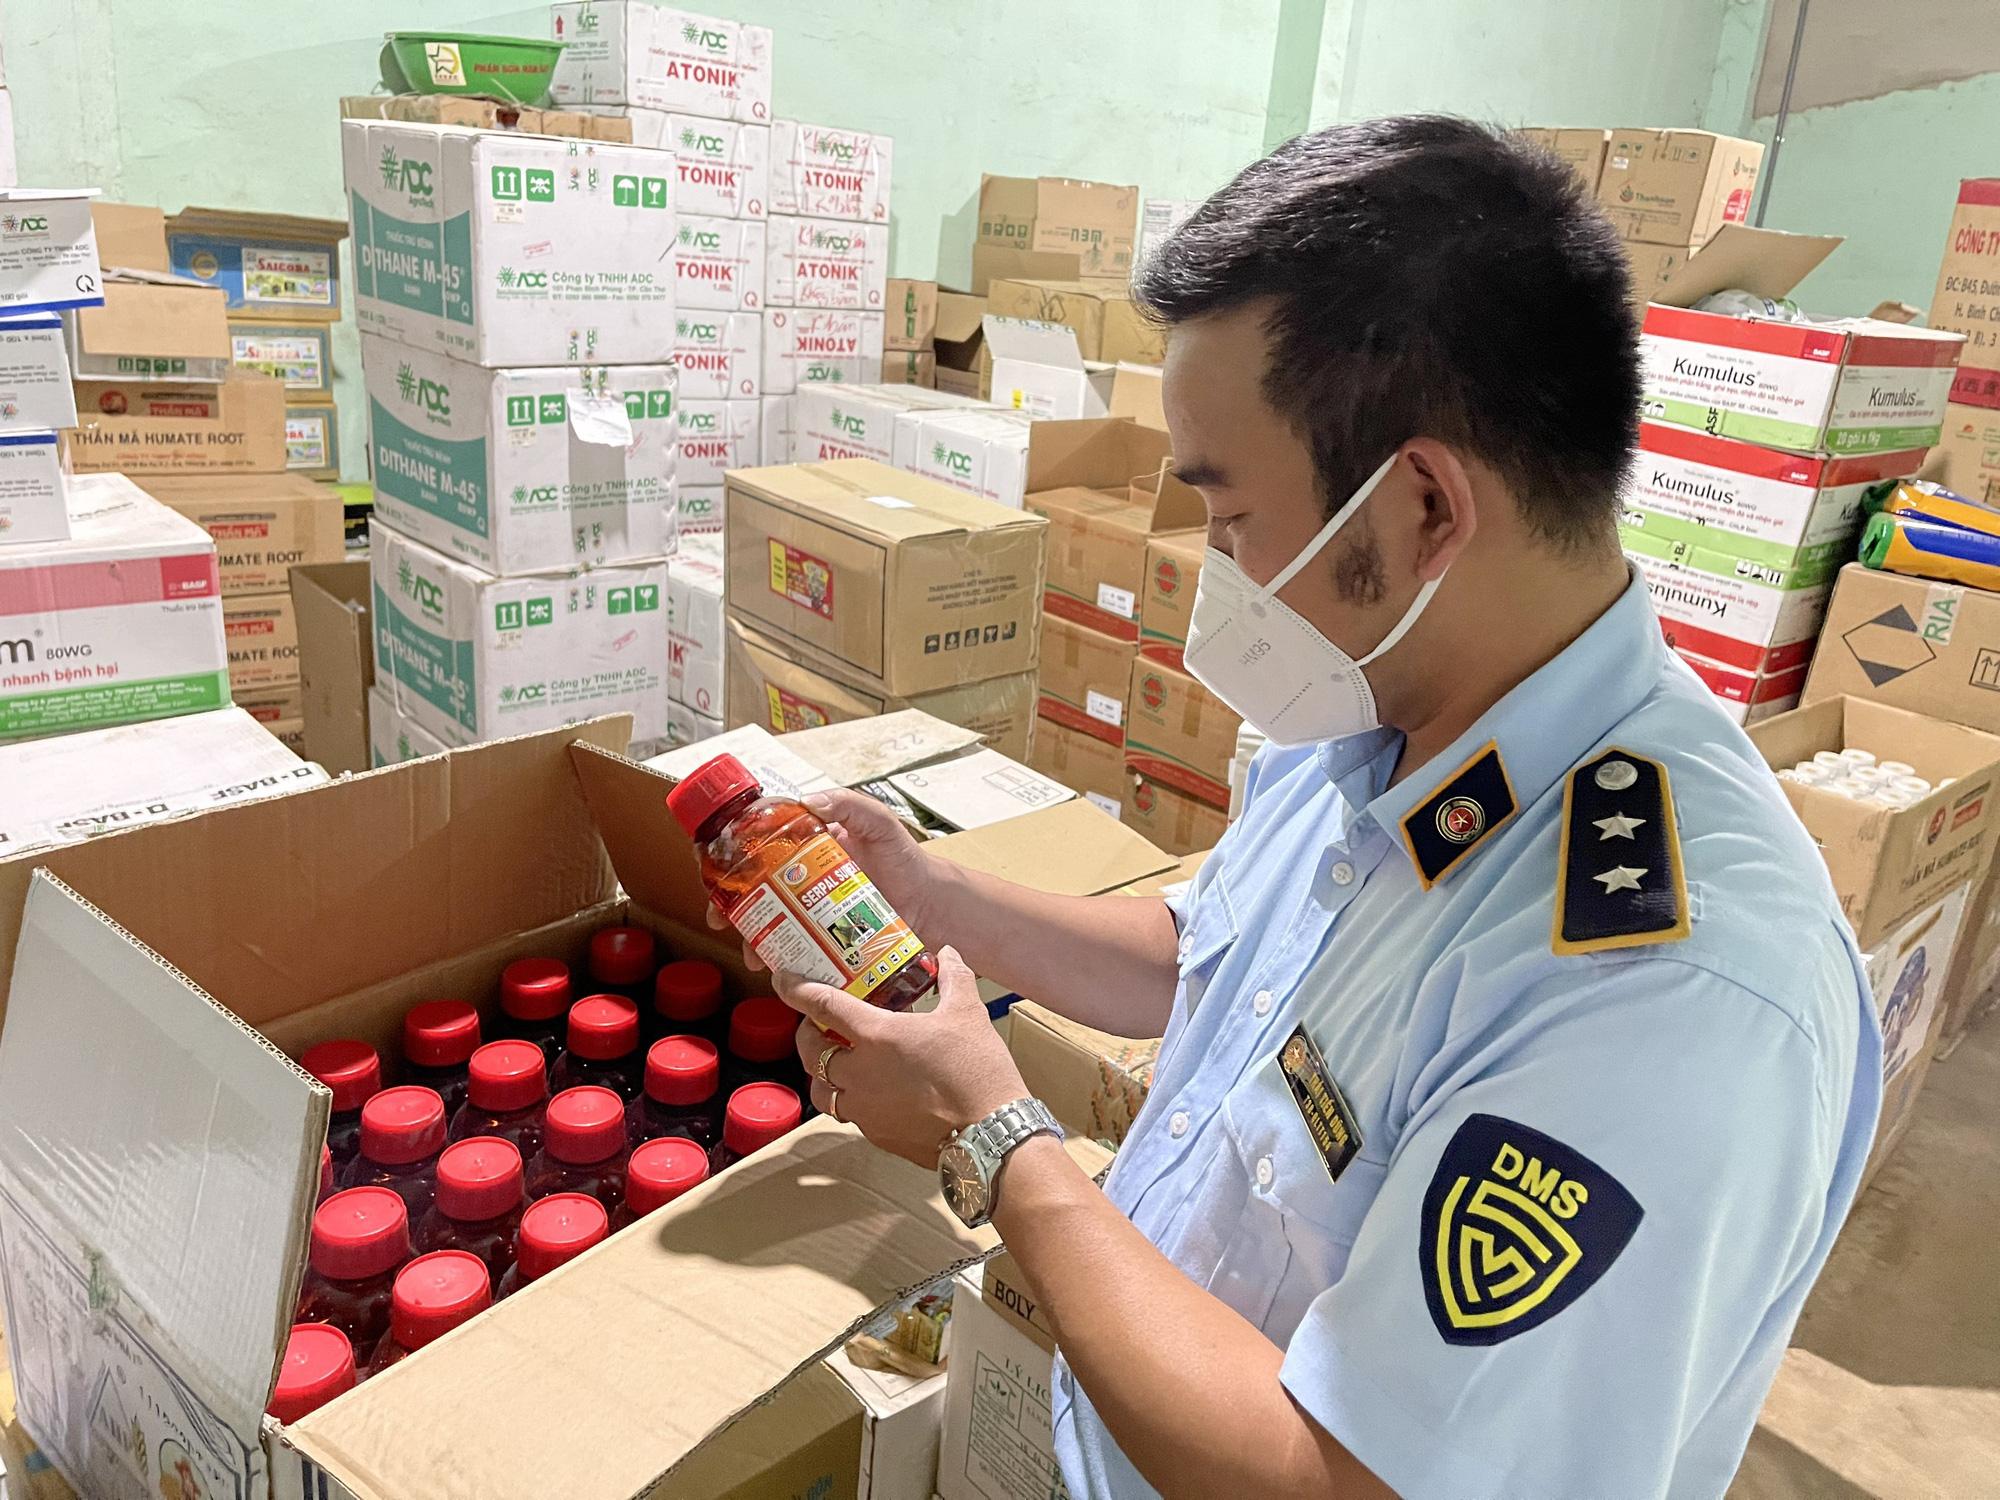 Tiếp tục phát hiện thuốc bảo vệ thực vật chứa hoạt chất cấm sử dụng tại Việt Nam ở Gia Lai - Ảnh 1.